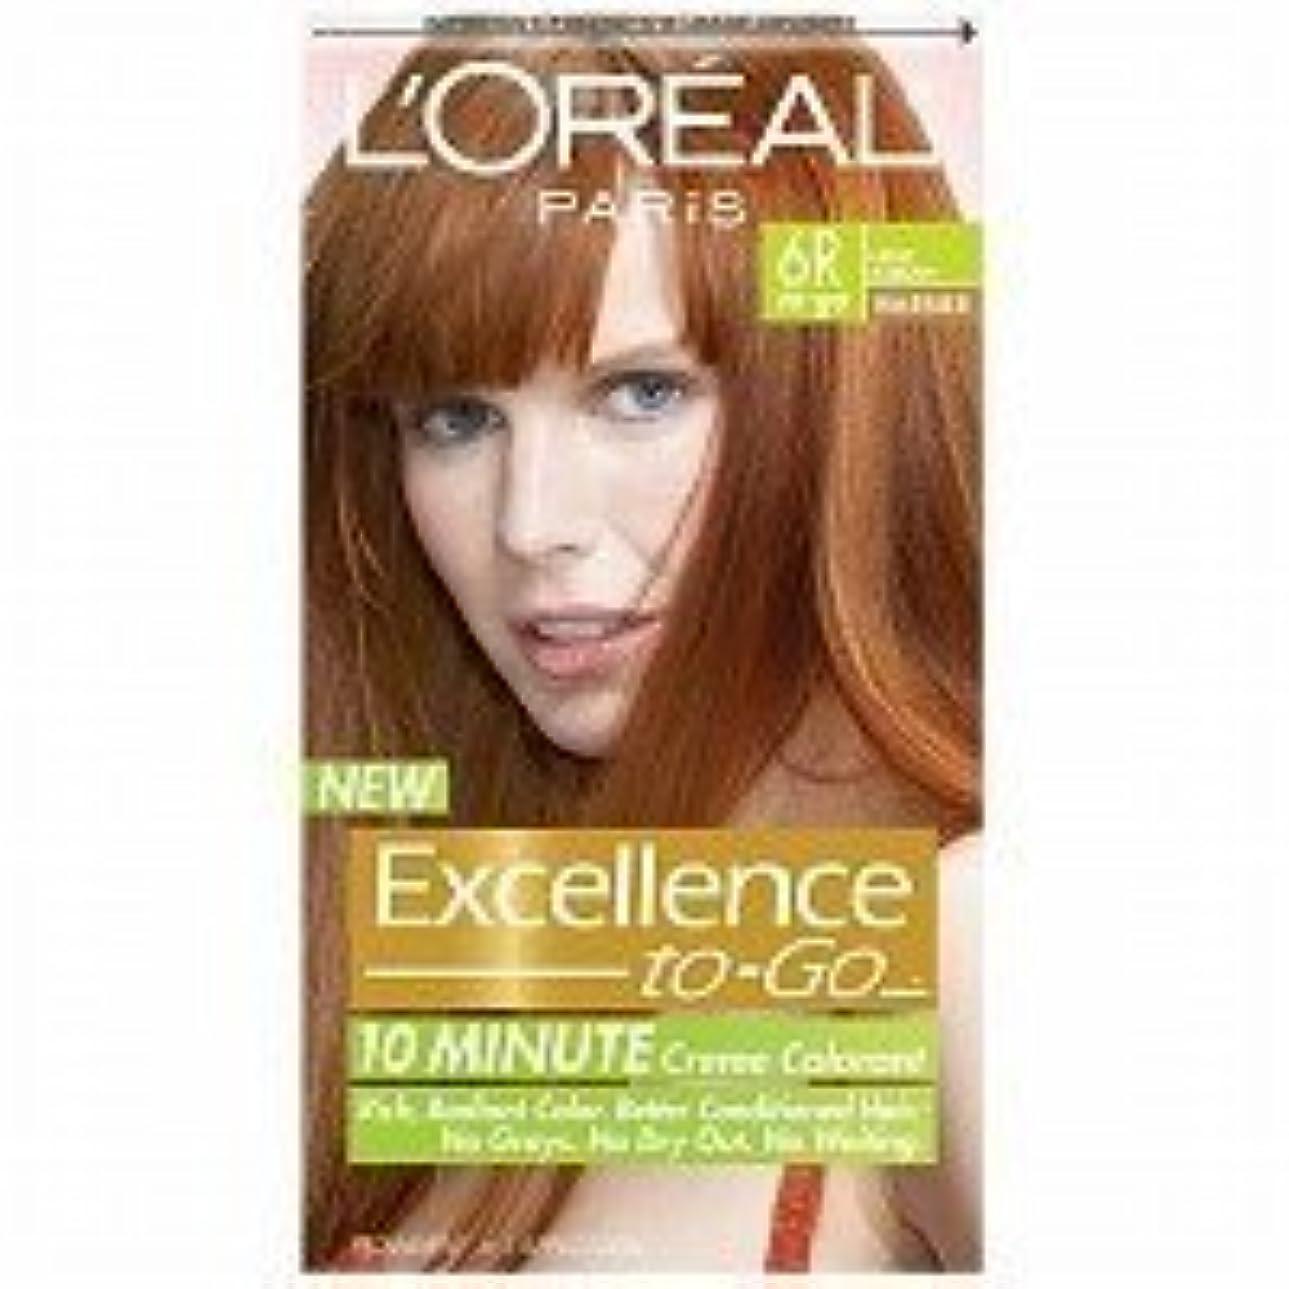 望遠鏡バーマド学生L'Oreal Paris Excellence To-Go 10-Minute Cr?N?Nme Coloring, Light Auburn 6R by L'Oreal Paris Hair Color [並行輸入品]